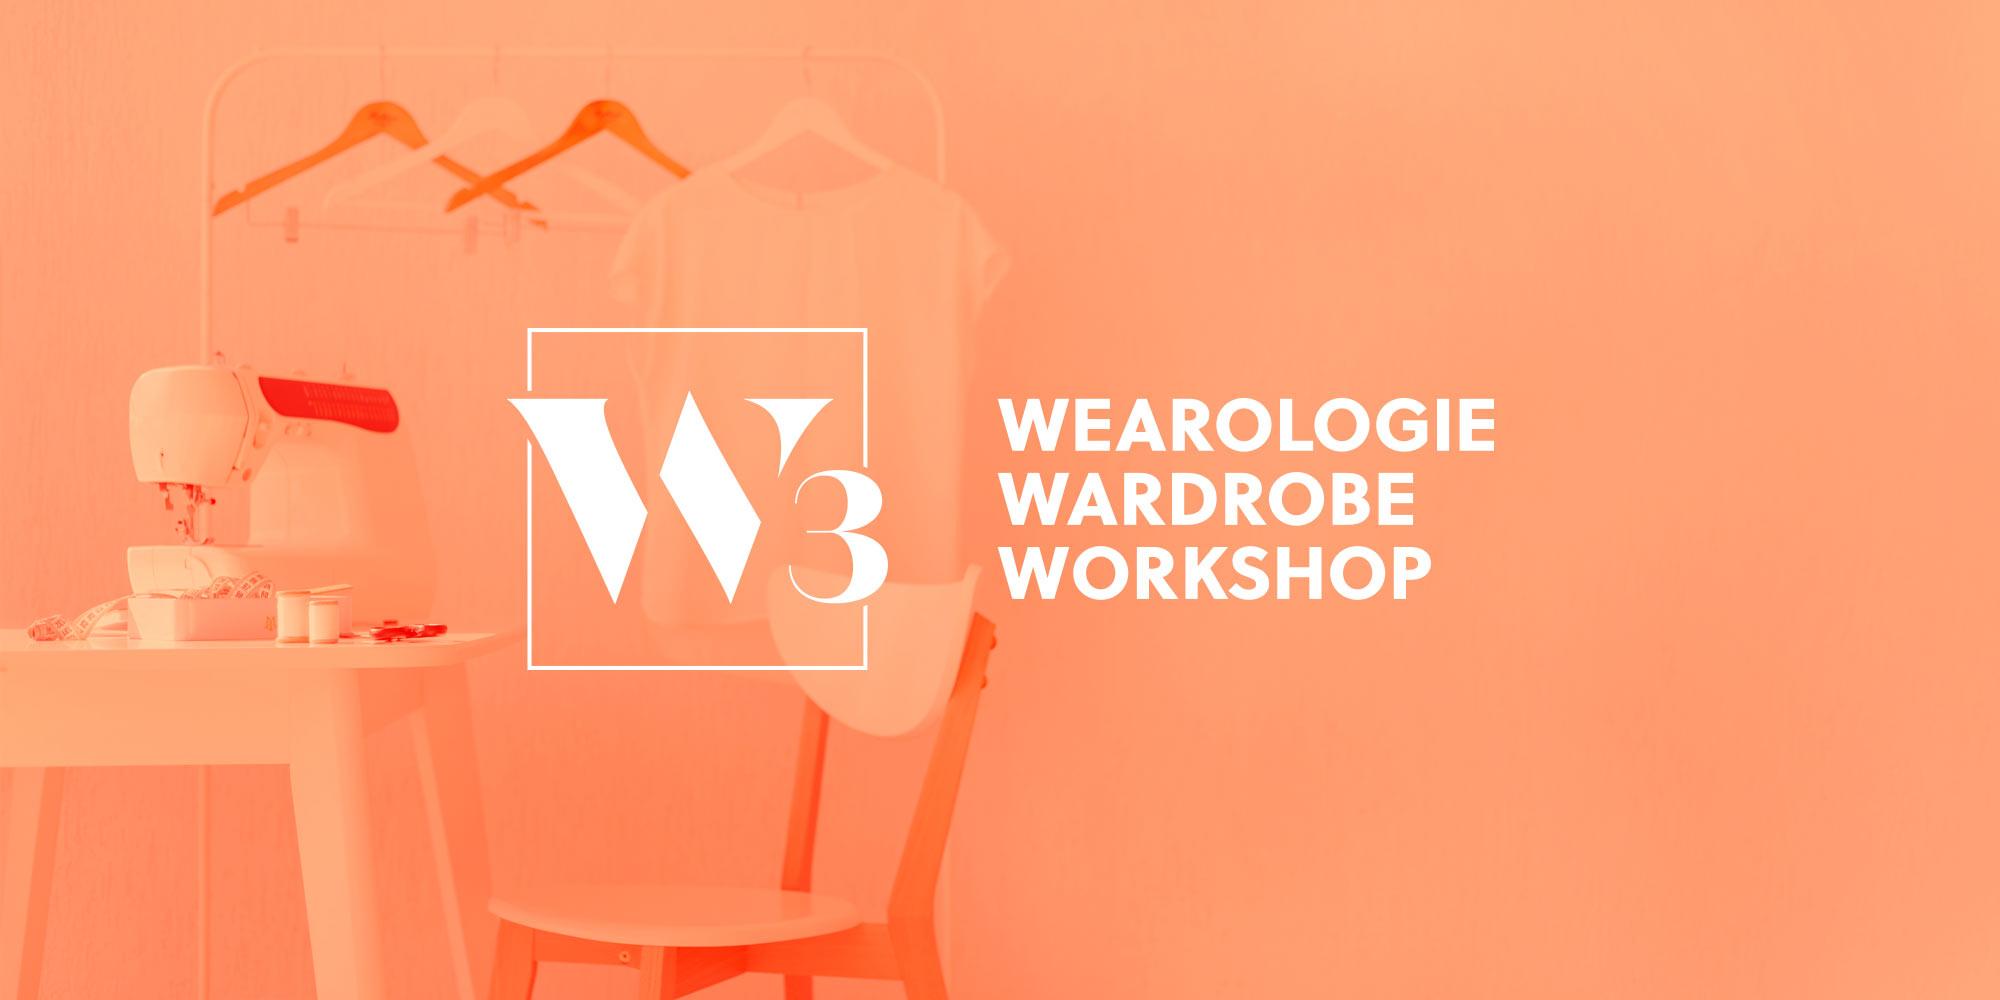 Logo Wearologie Wardrobe Workshop sur un fond d'image d'atelier de couture.